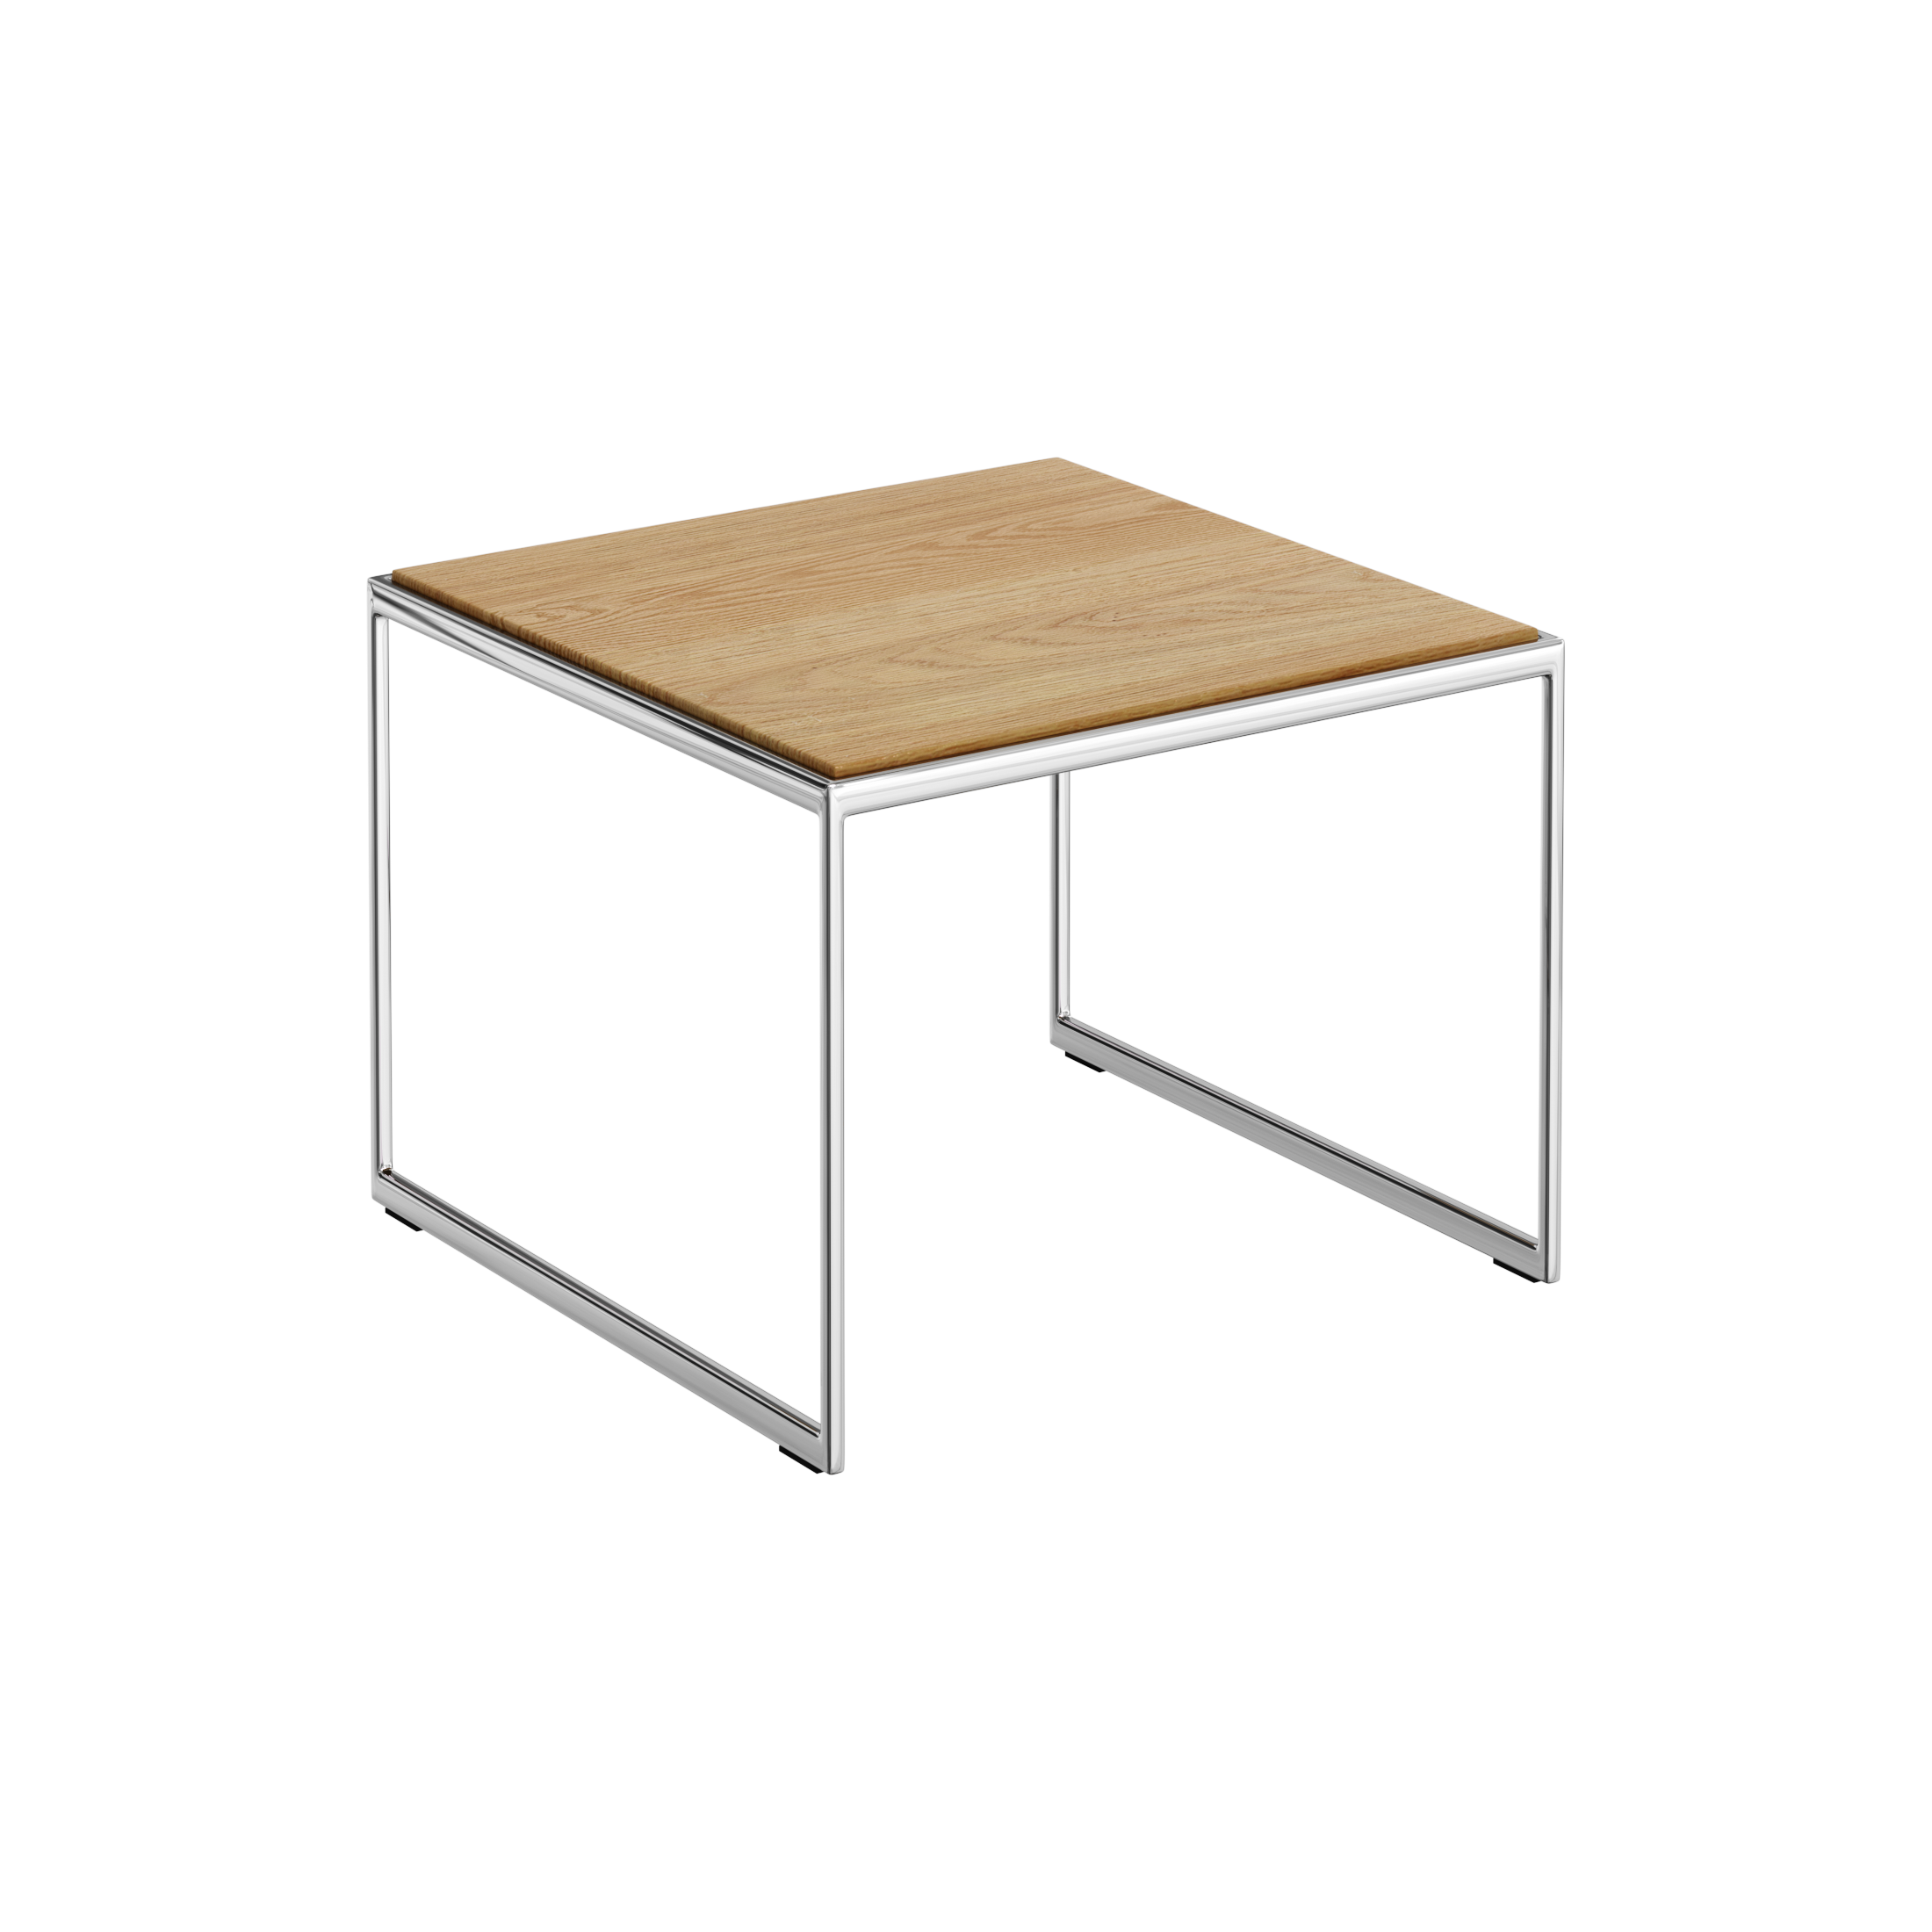 toscana couchtisch satztisch toscana couchtische shop gallery m. Black Bedroom Furniture Sets. Home Design Ideas